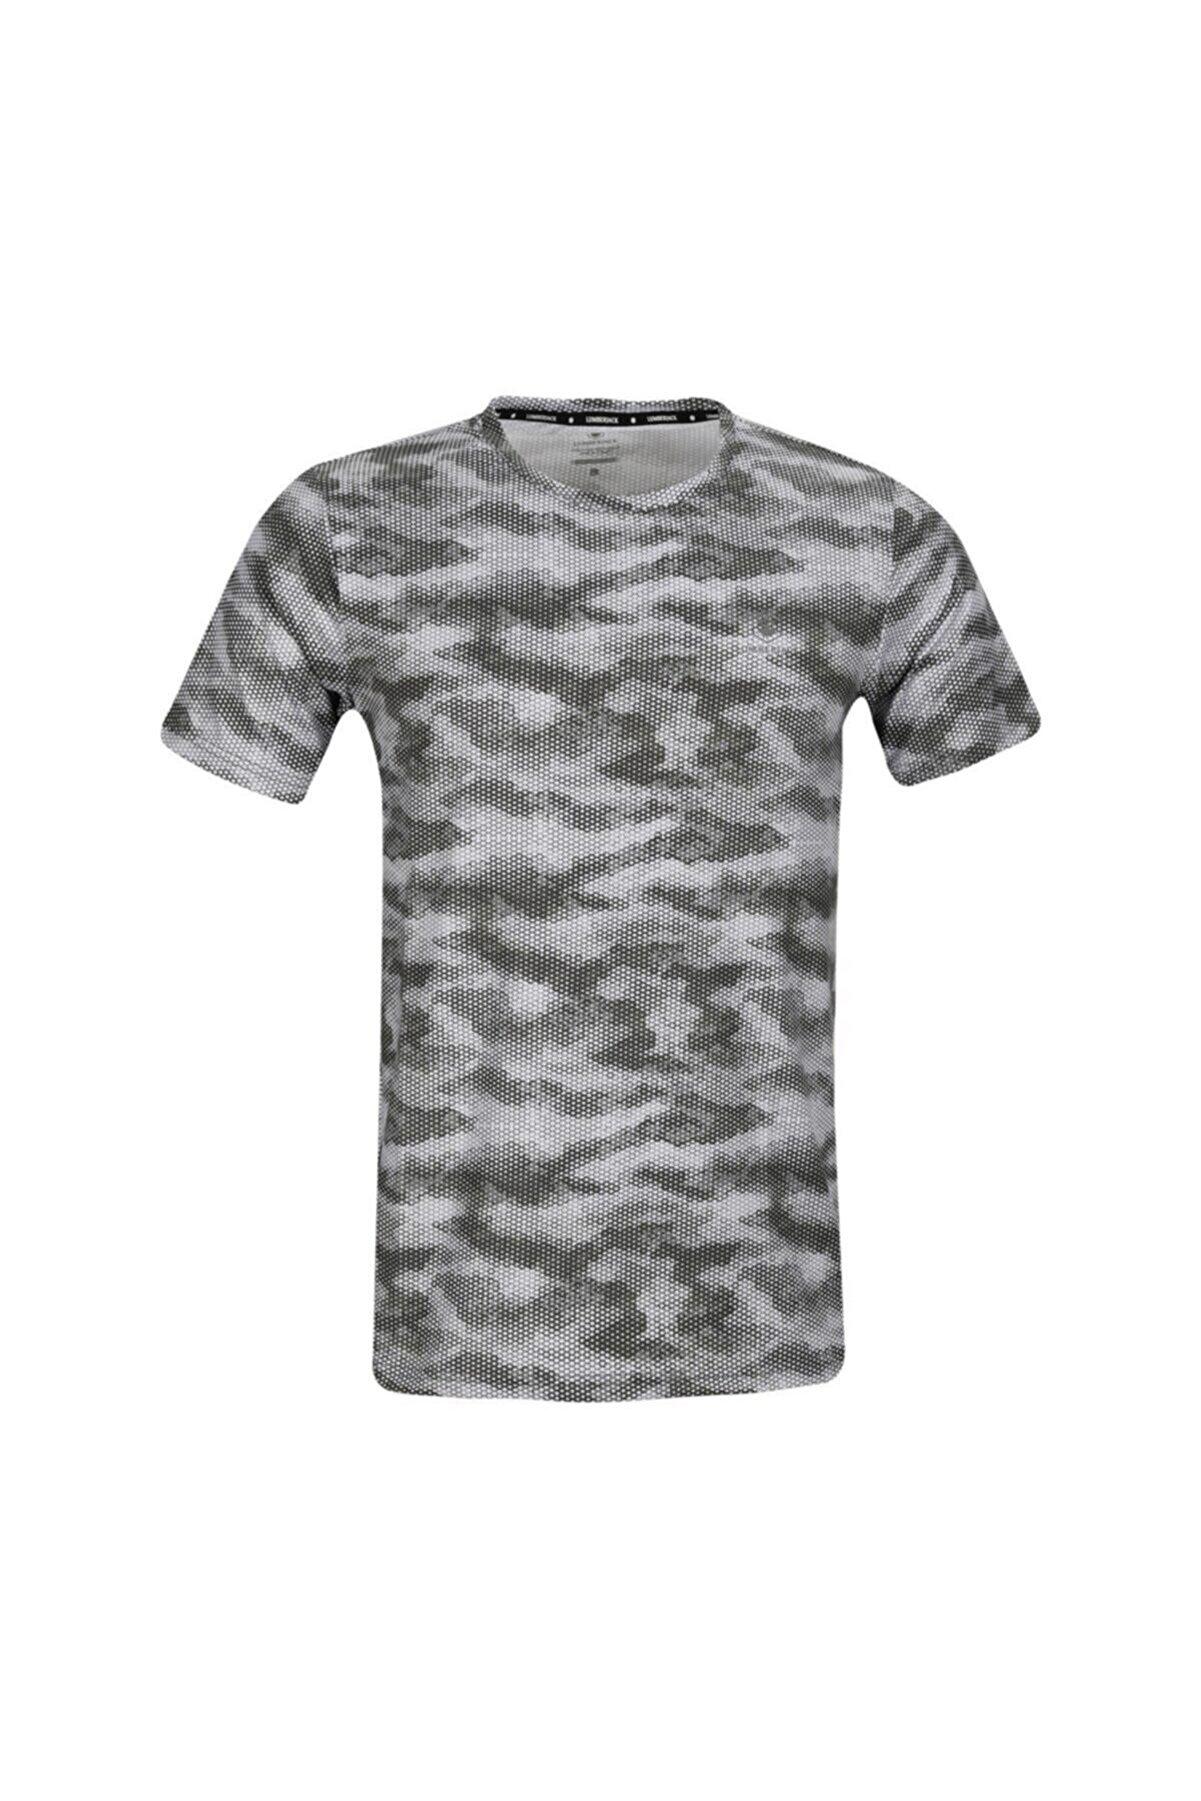 Lumberjack CT239 CLOUD T-SHIRT Haki Erkek T-Shirt 100581872